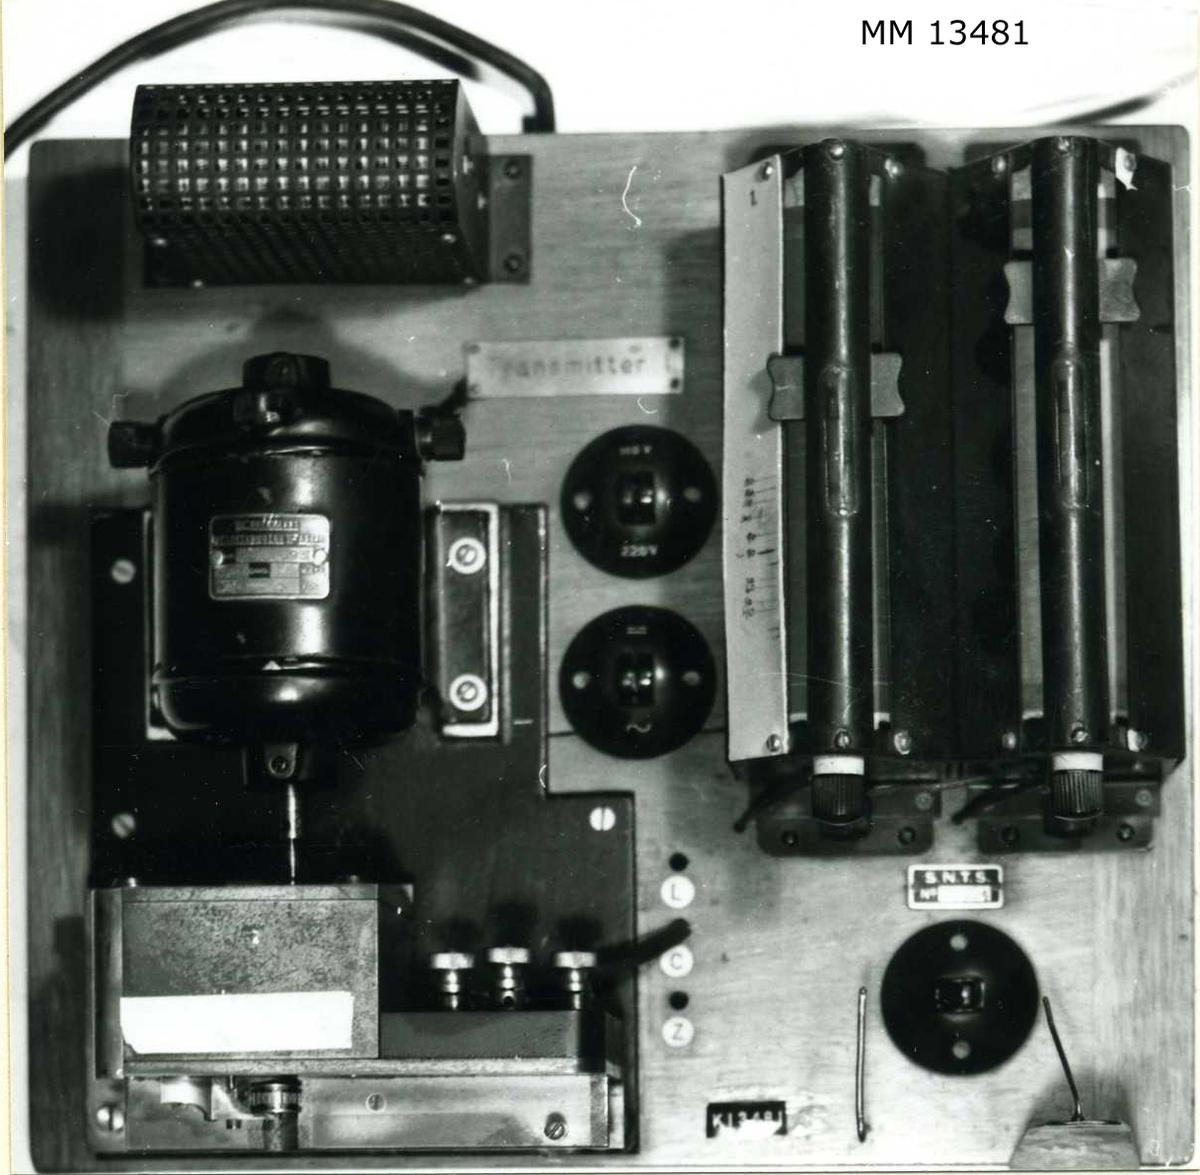 Transmitter (remssändare), automatisk telegrafapparat. Monterad på en platta av mahogny med sändare, motor, reglerbart motstånd och strömbrytare. Märkning: S.N.T.S. 70994